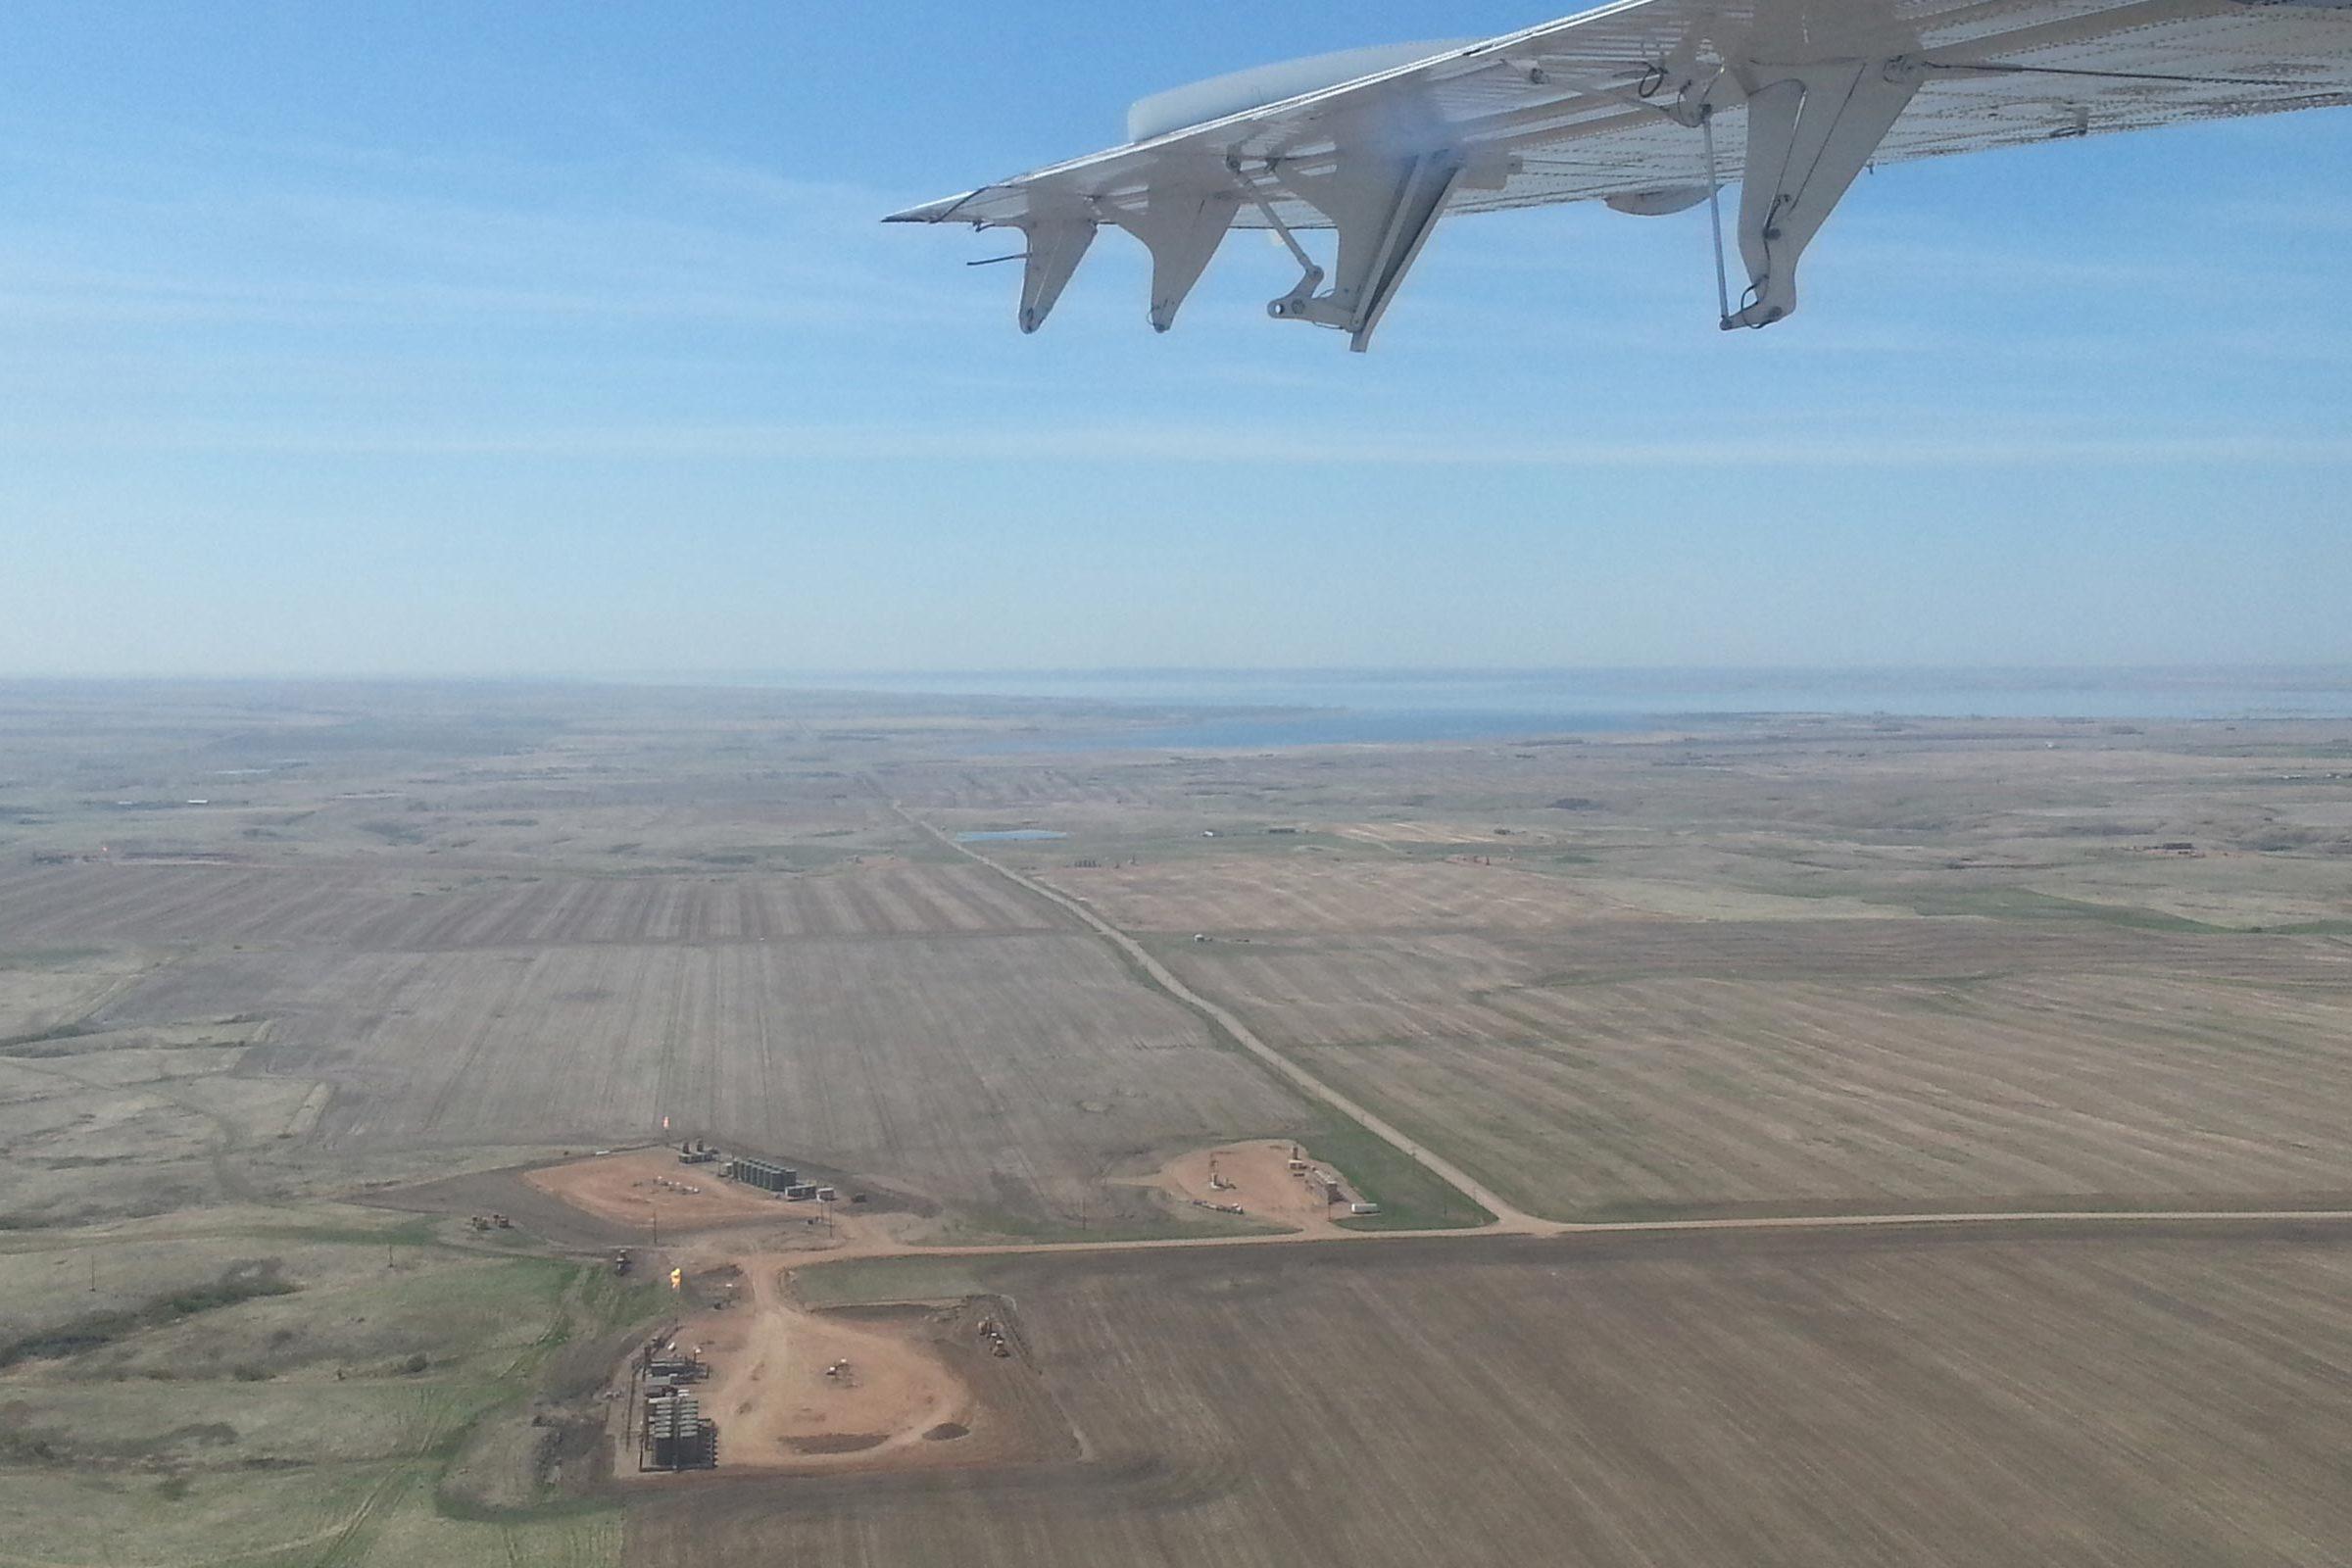 Plane in flight over oil field